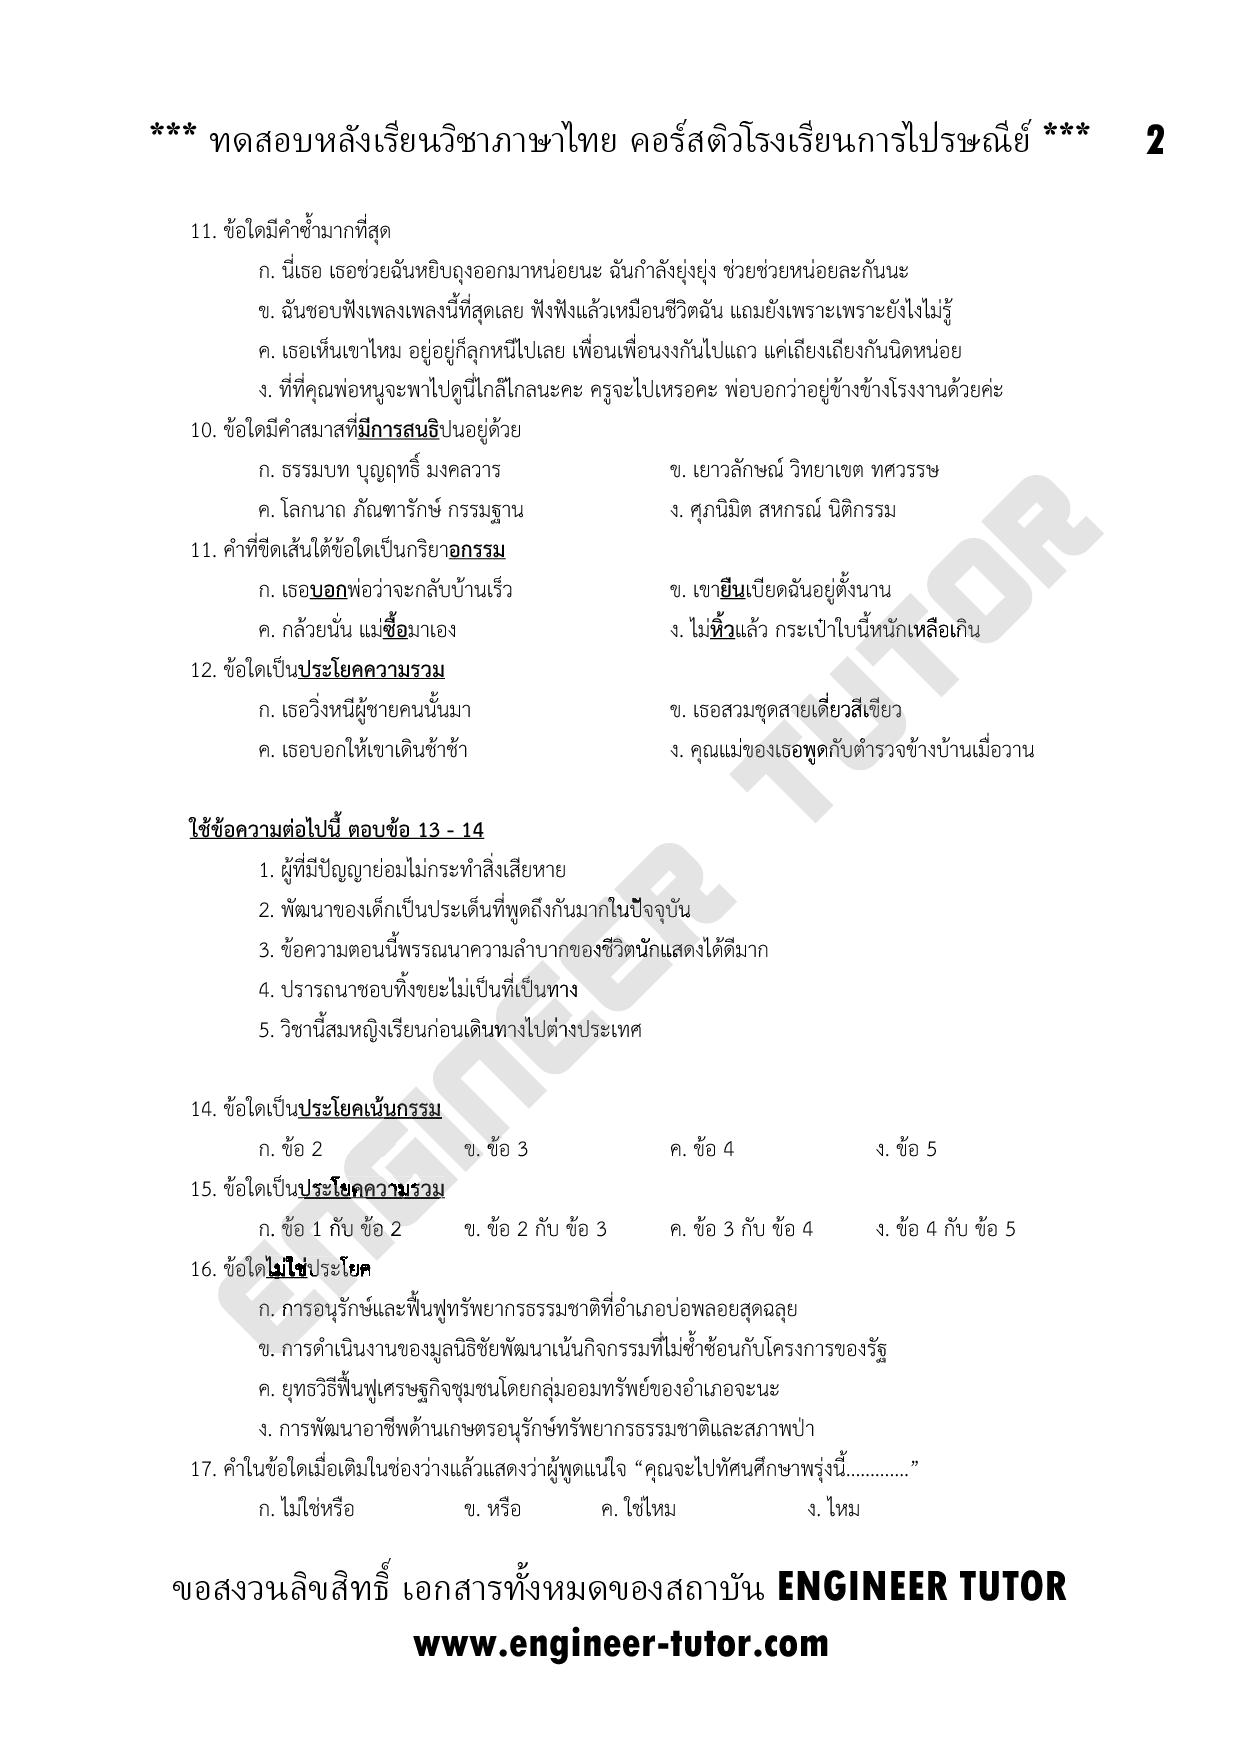 สอบวัดผลและข้อสอบ วิชาภาษาไทย คอร์สติวโรงเรียนการไปรษณีย์ 2559